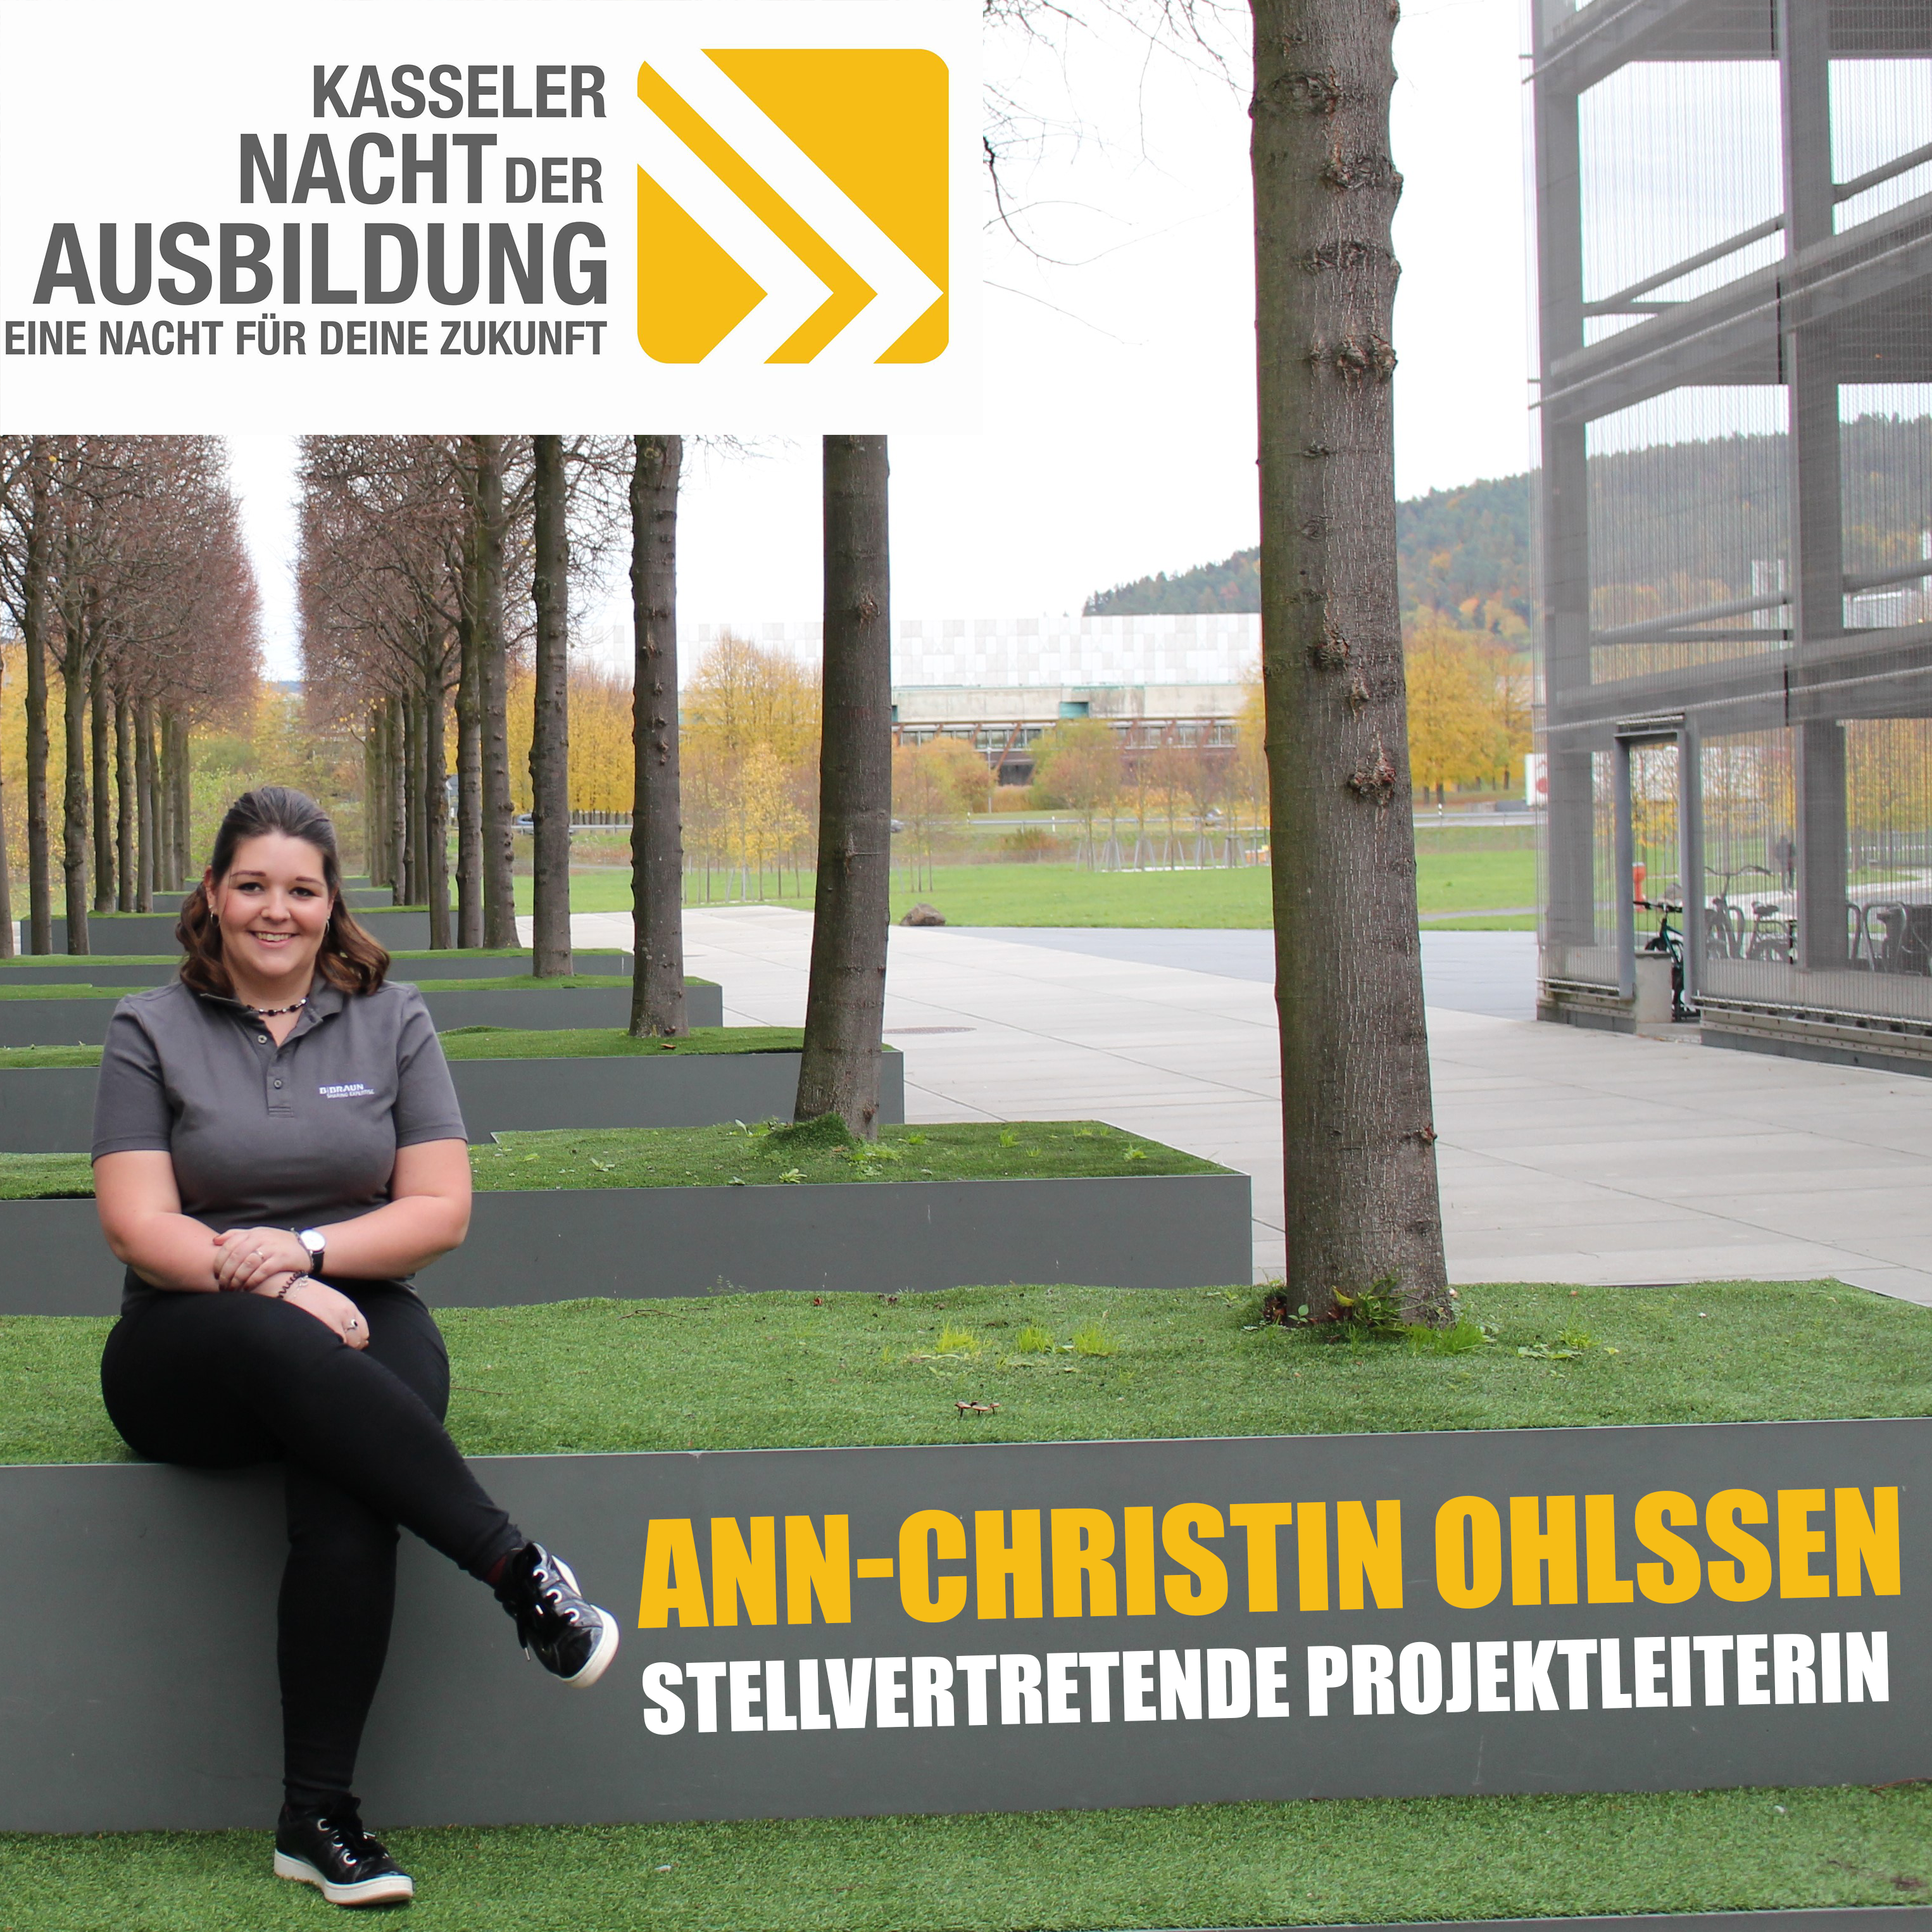 Ann-Christin Ohlssen